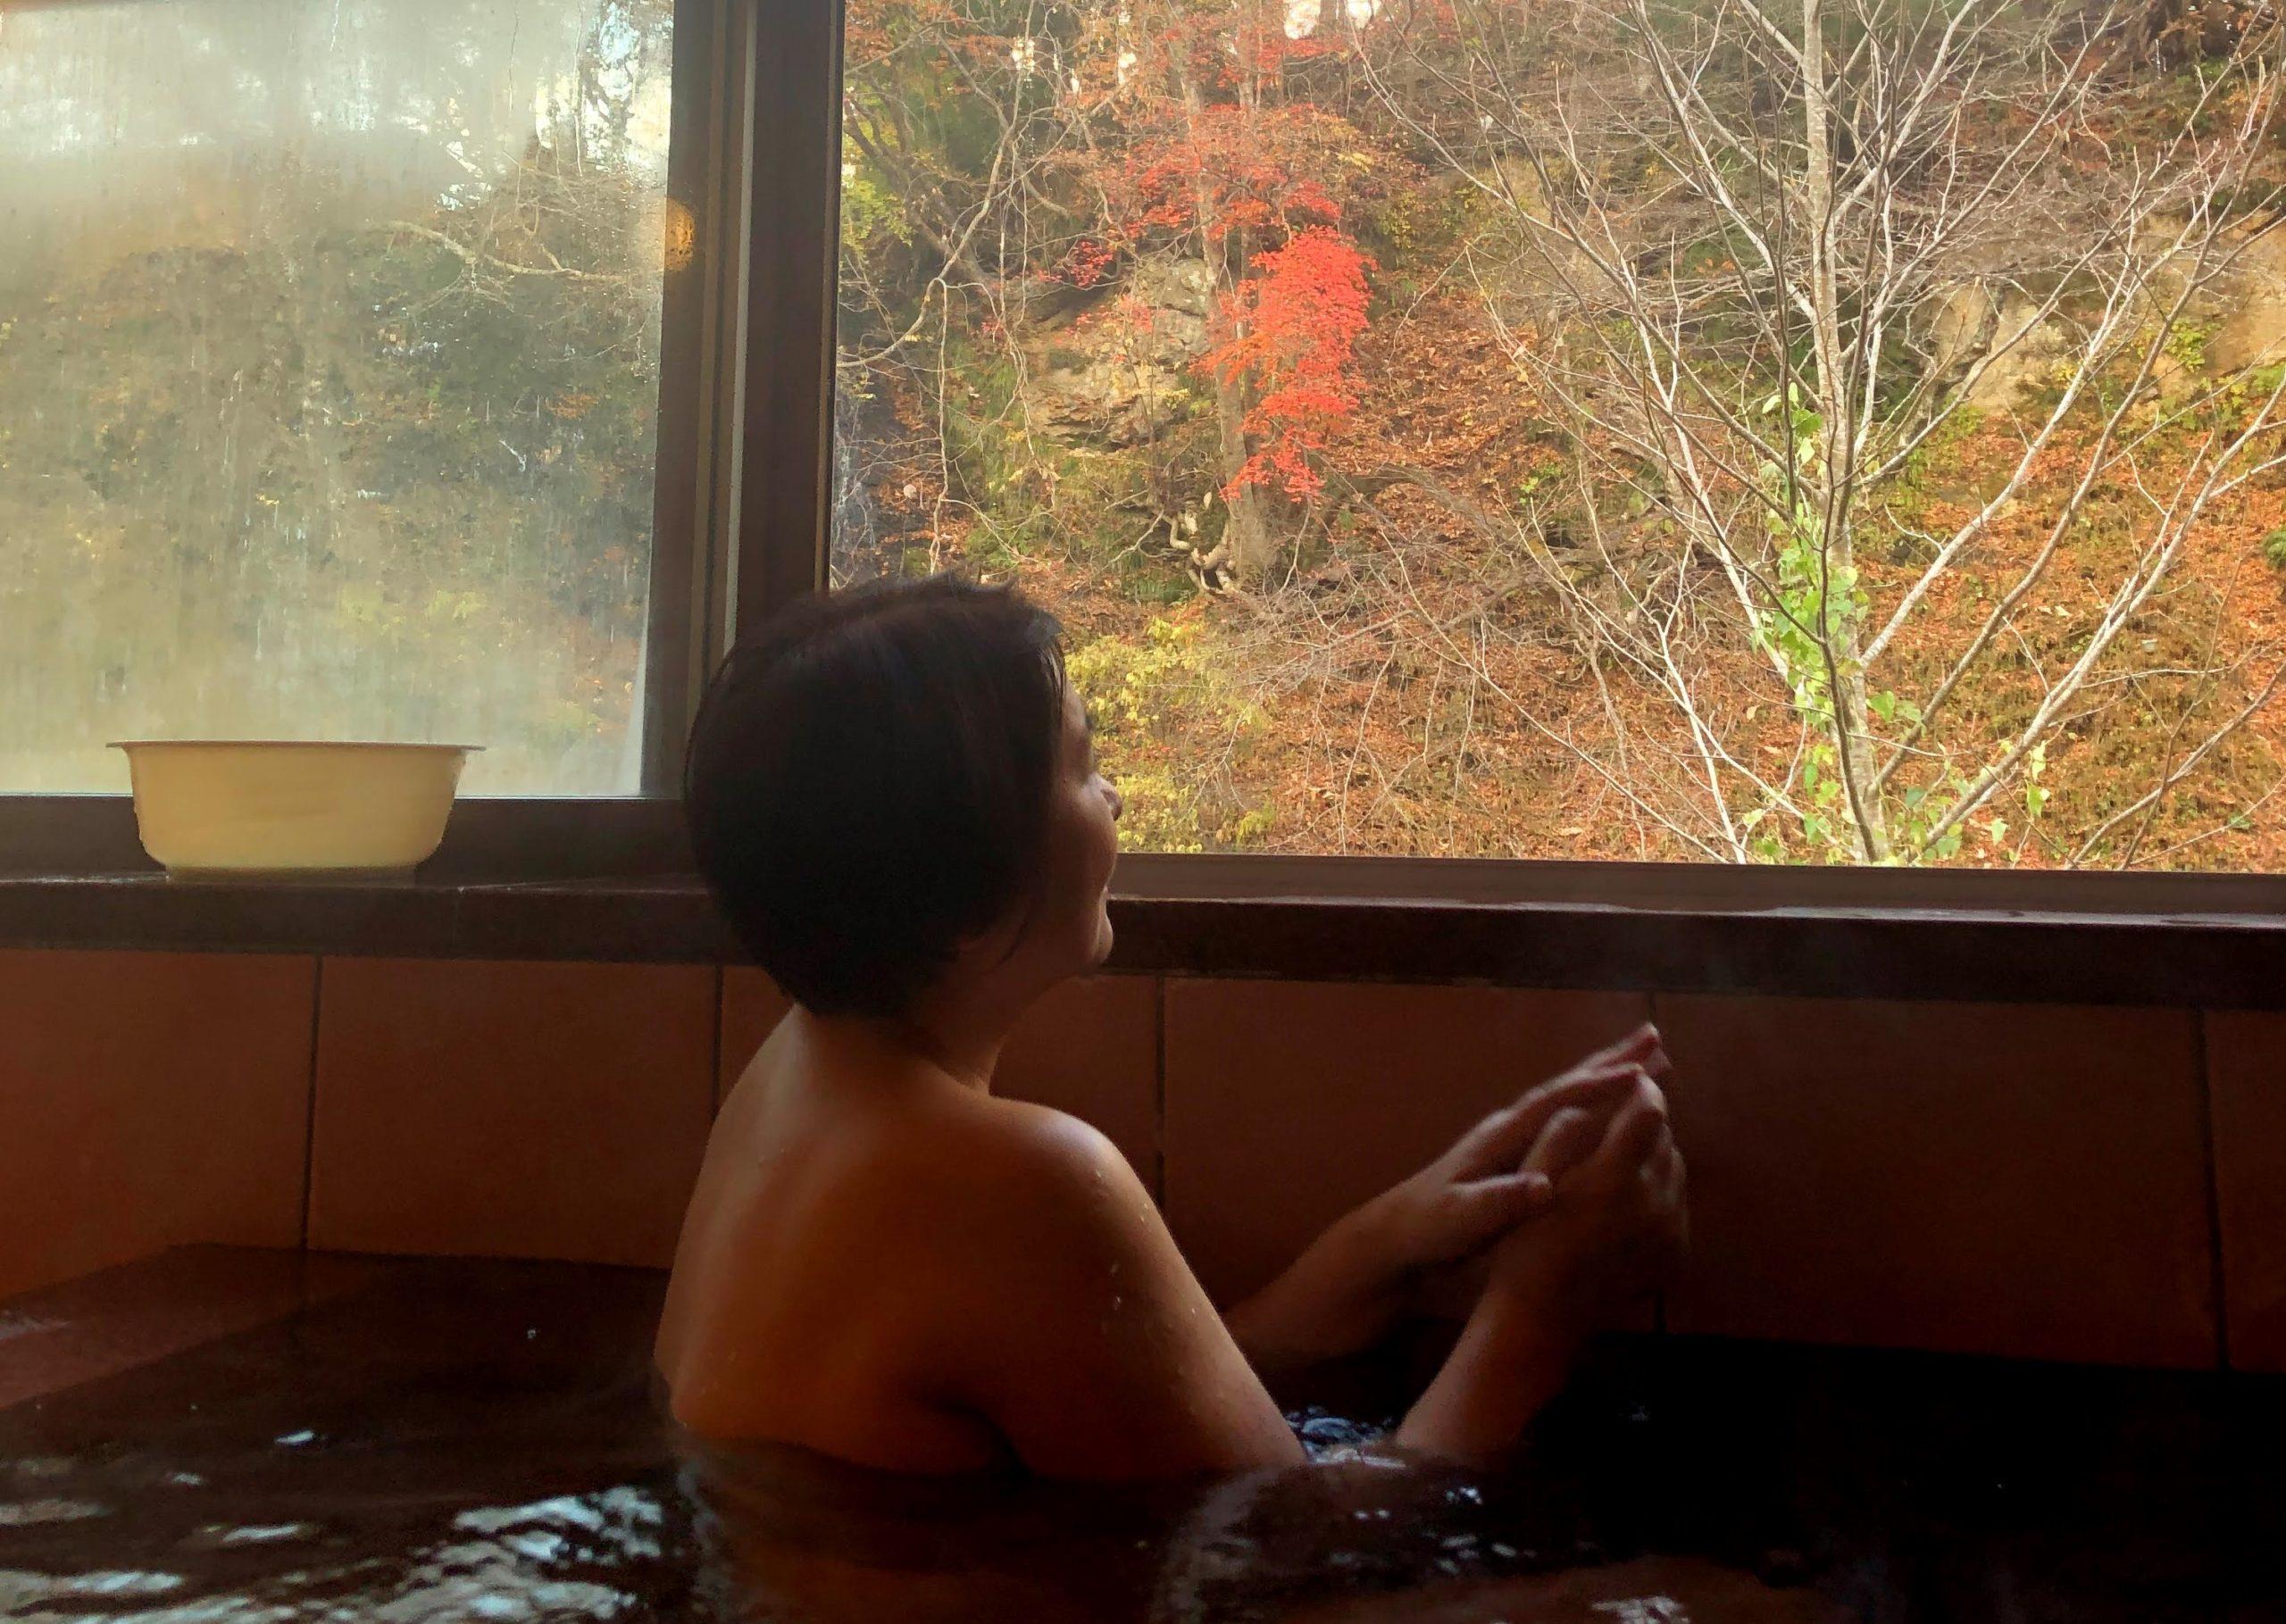 【岩手・花巻他】温泉&夫婦ドタバタ旅2日目